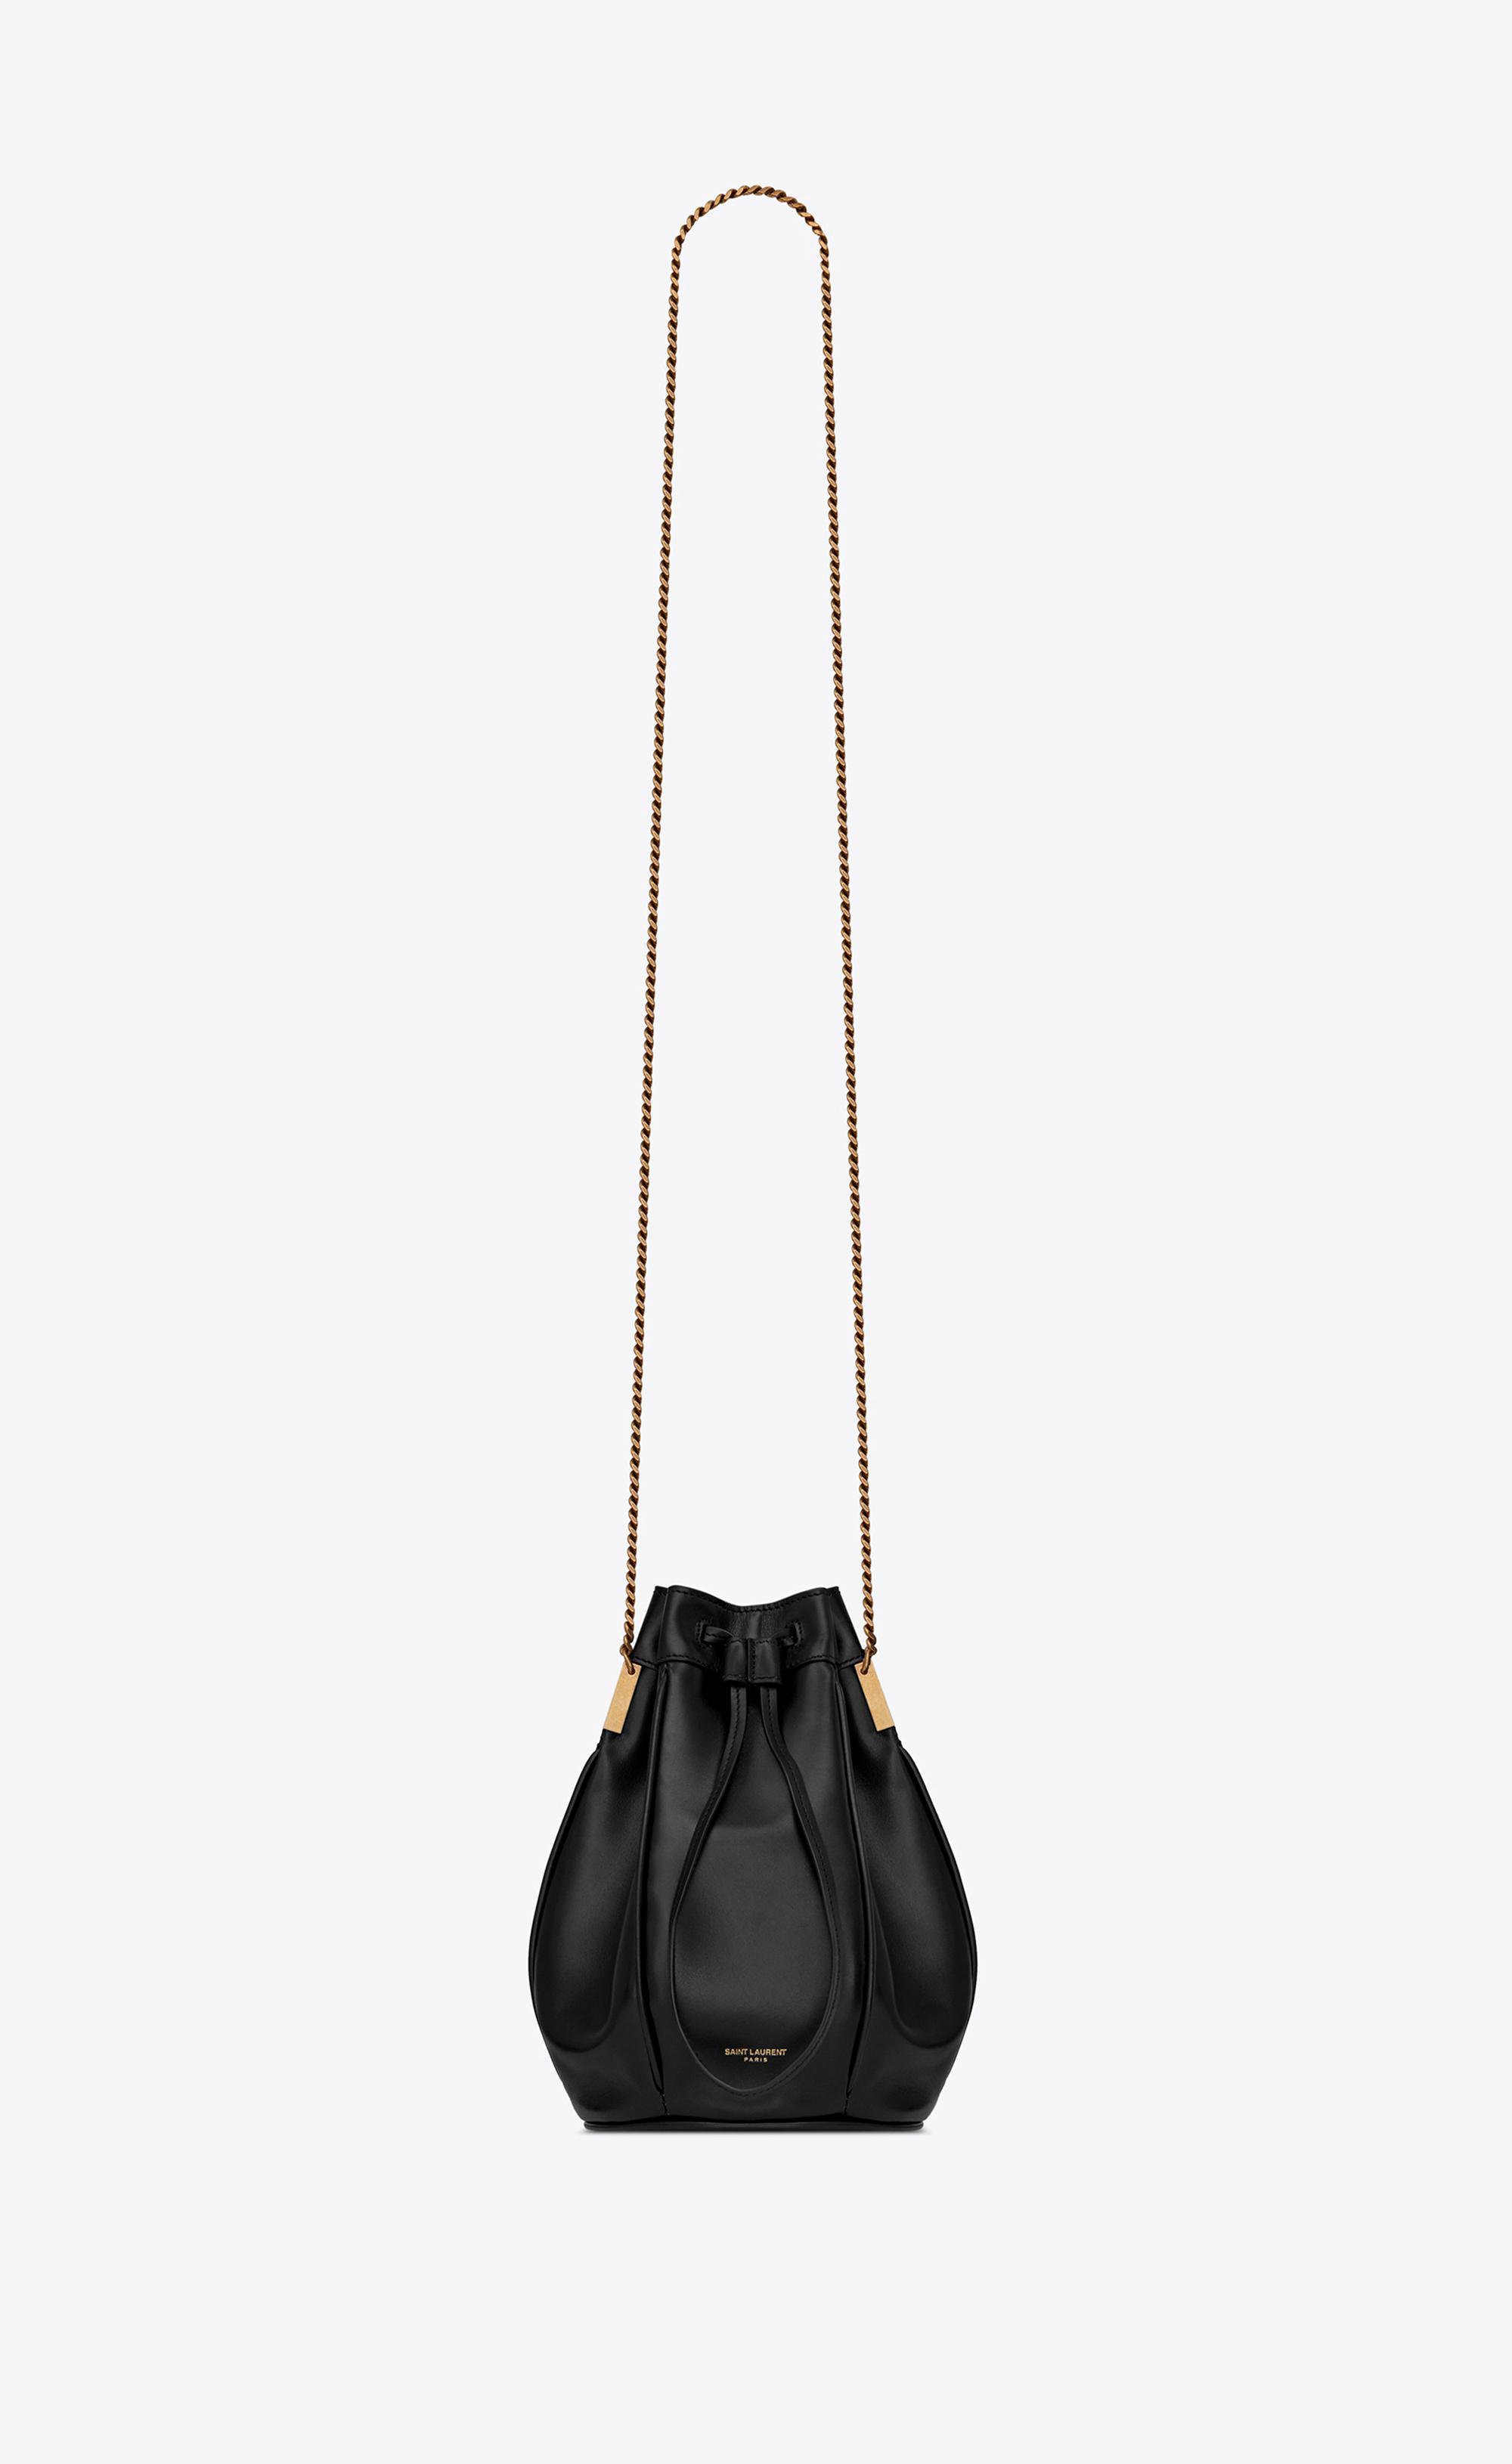 Lyst - Saint Laurent Talitha Small Bucket Bag in Black 0e4e2cc2591a3